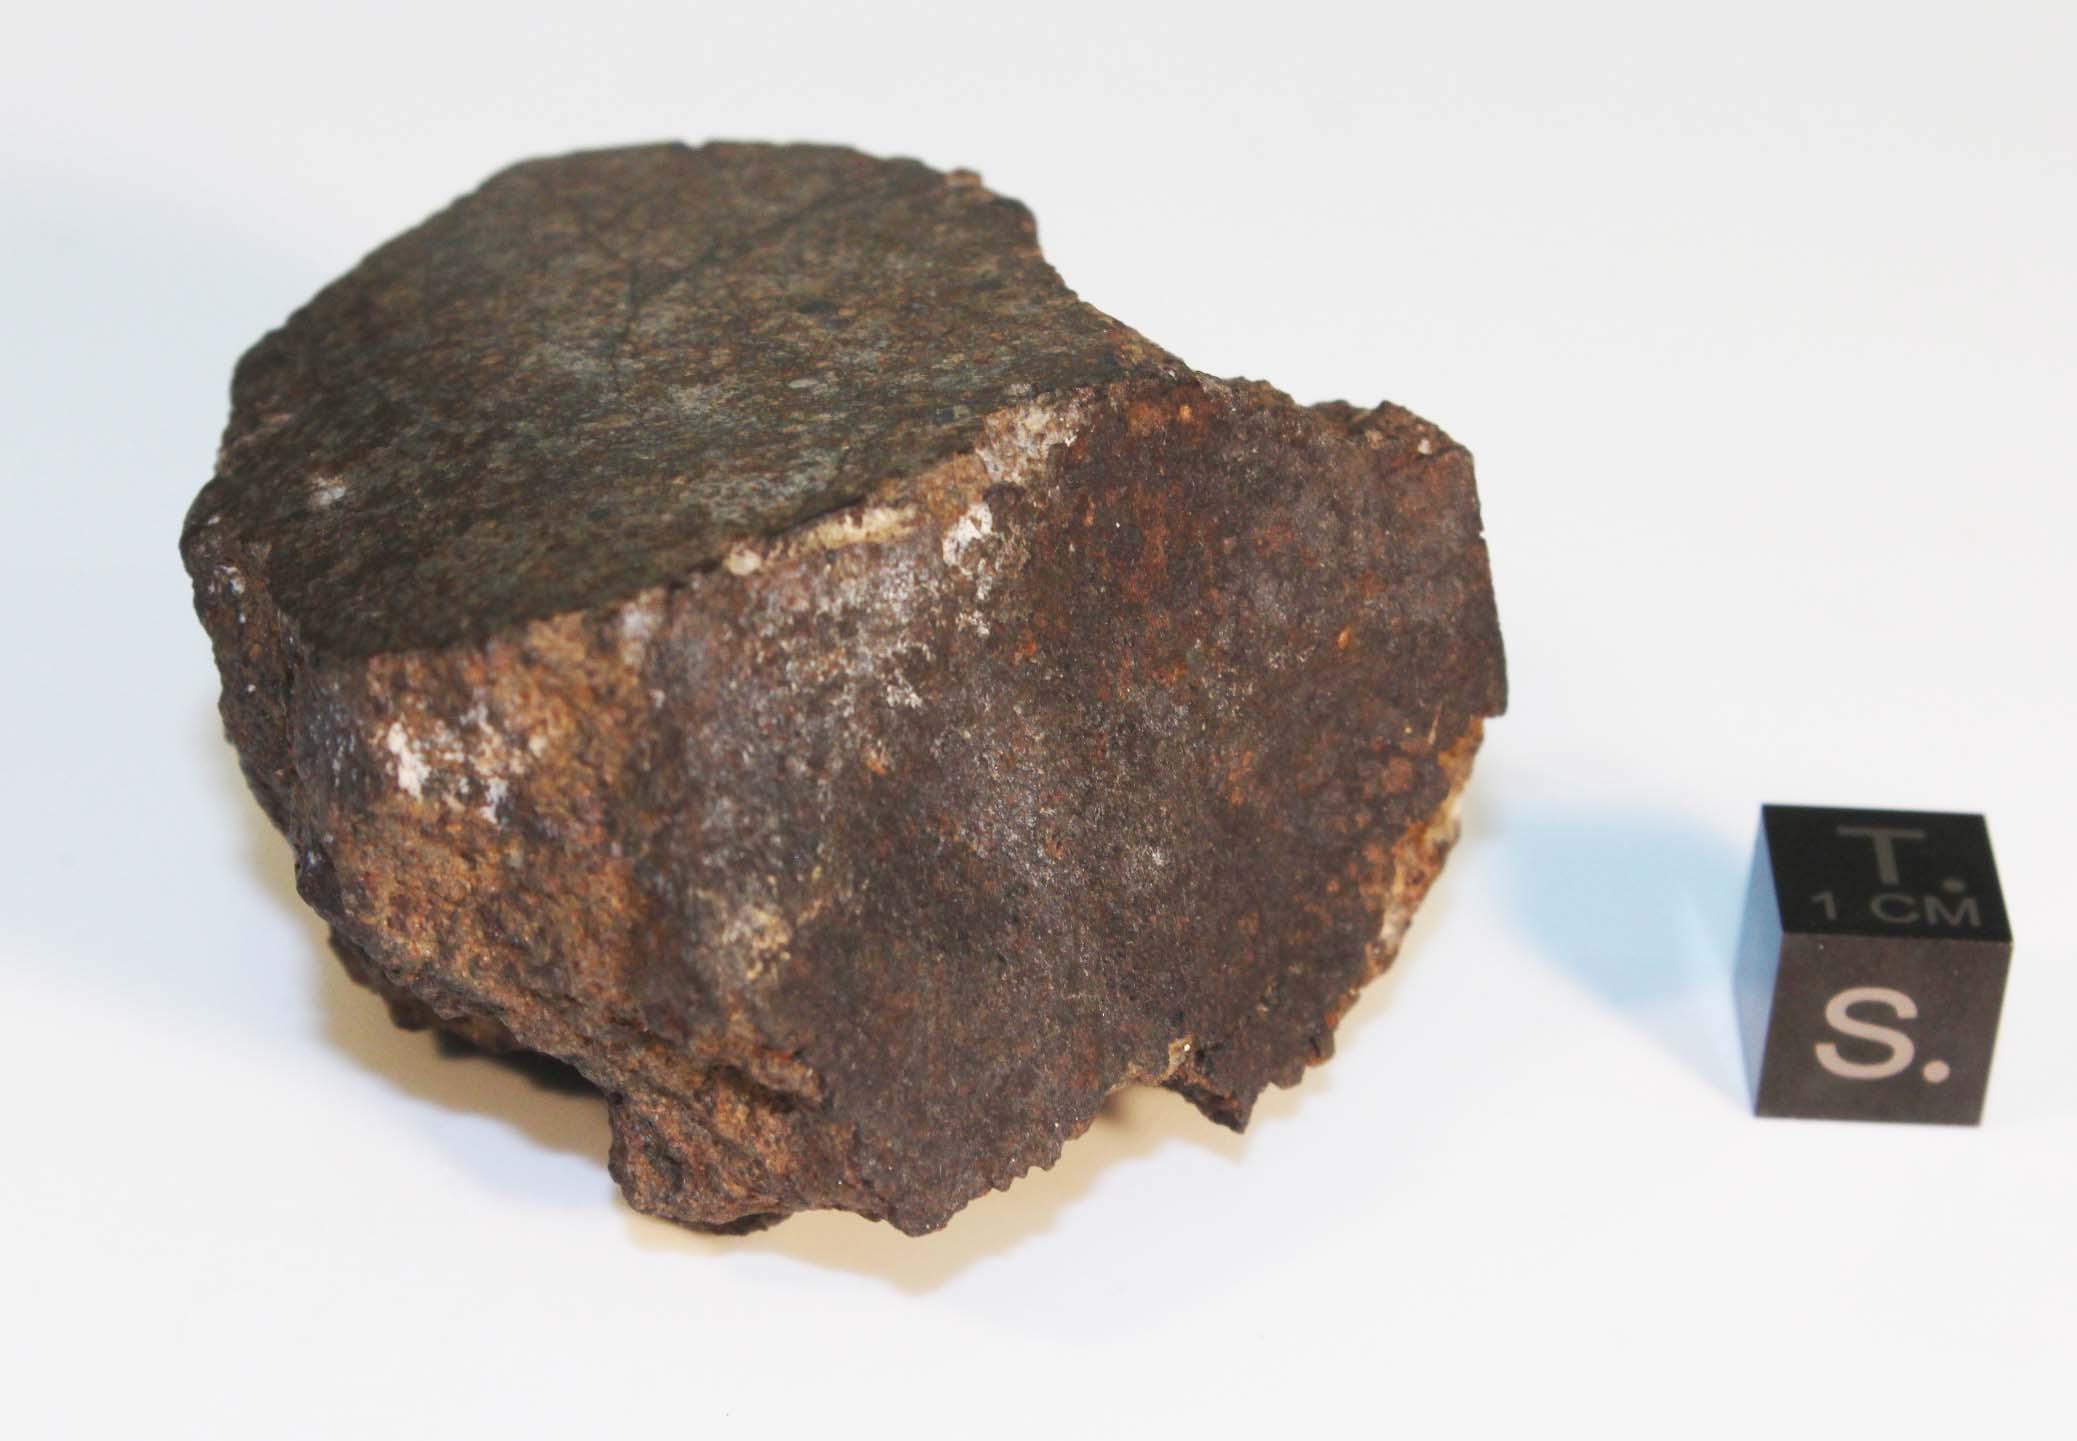 Fragmento do meteorito de L'Aigle, pertencente à Coleção de Meteorítica do Museu Nacional/UFRJ. Foto tirada antes do incêndio que acometeu a Instituição, ocorrido em 02/09/2018. Fonte: Museu Nacional/UFRJ.